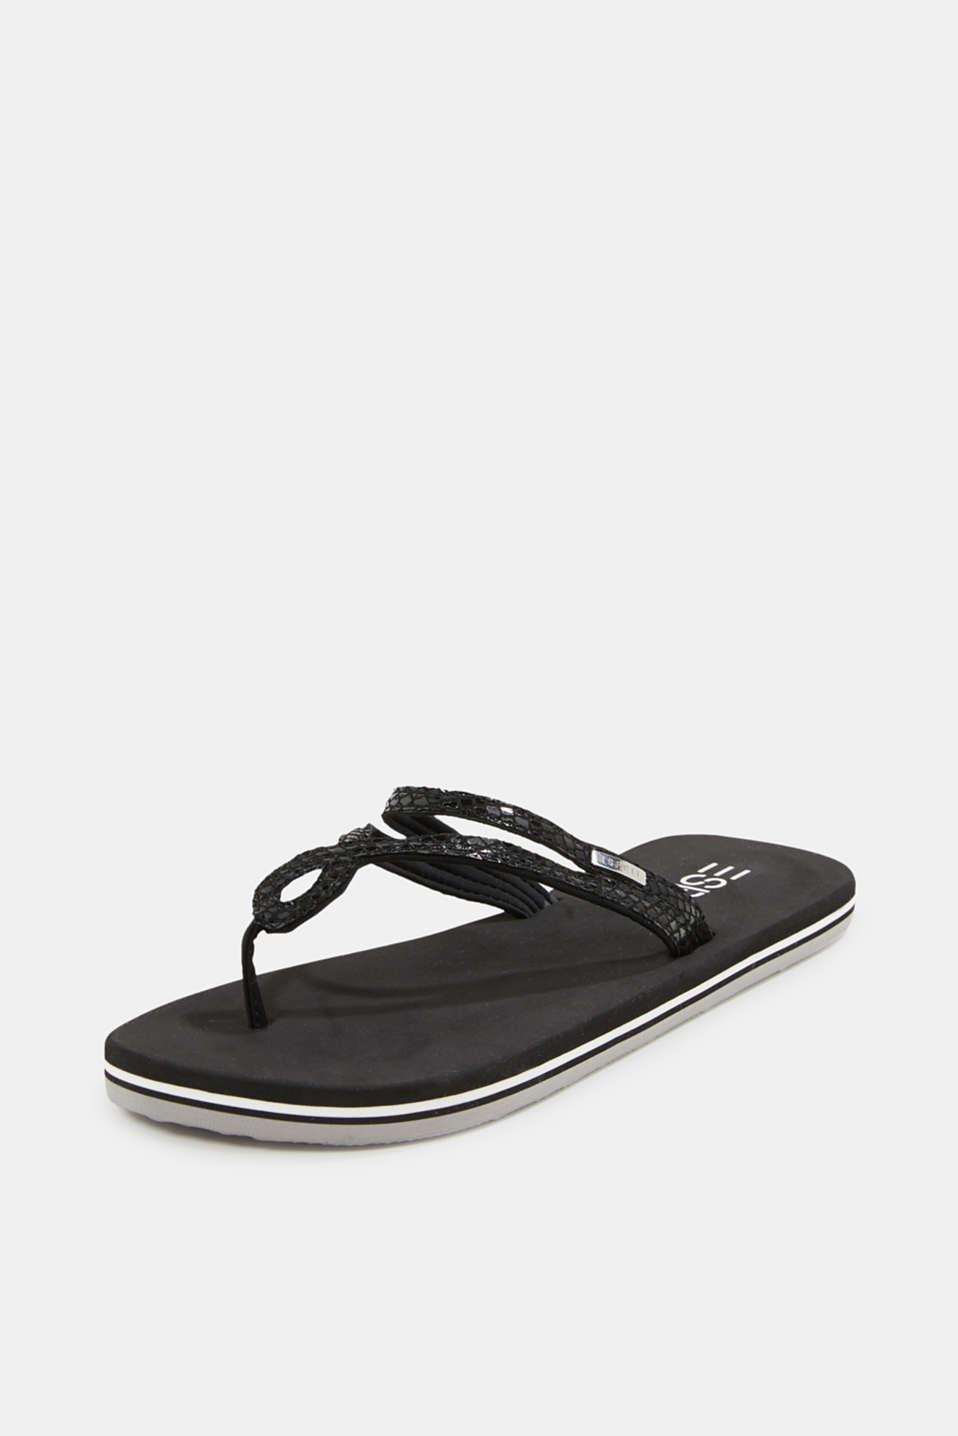 Snakeskin-effect toe-post sandals, BLACK, detail image number 1